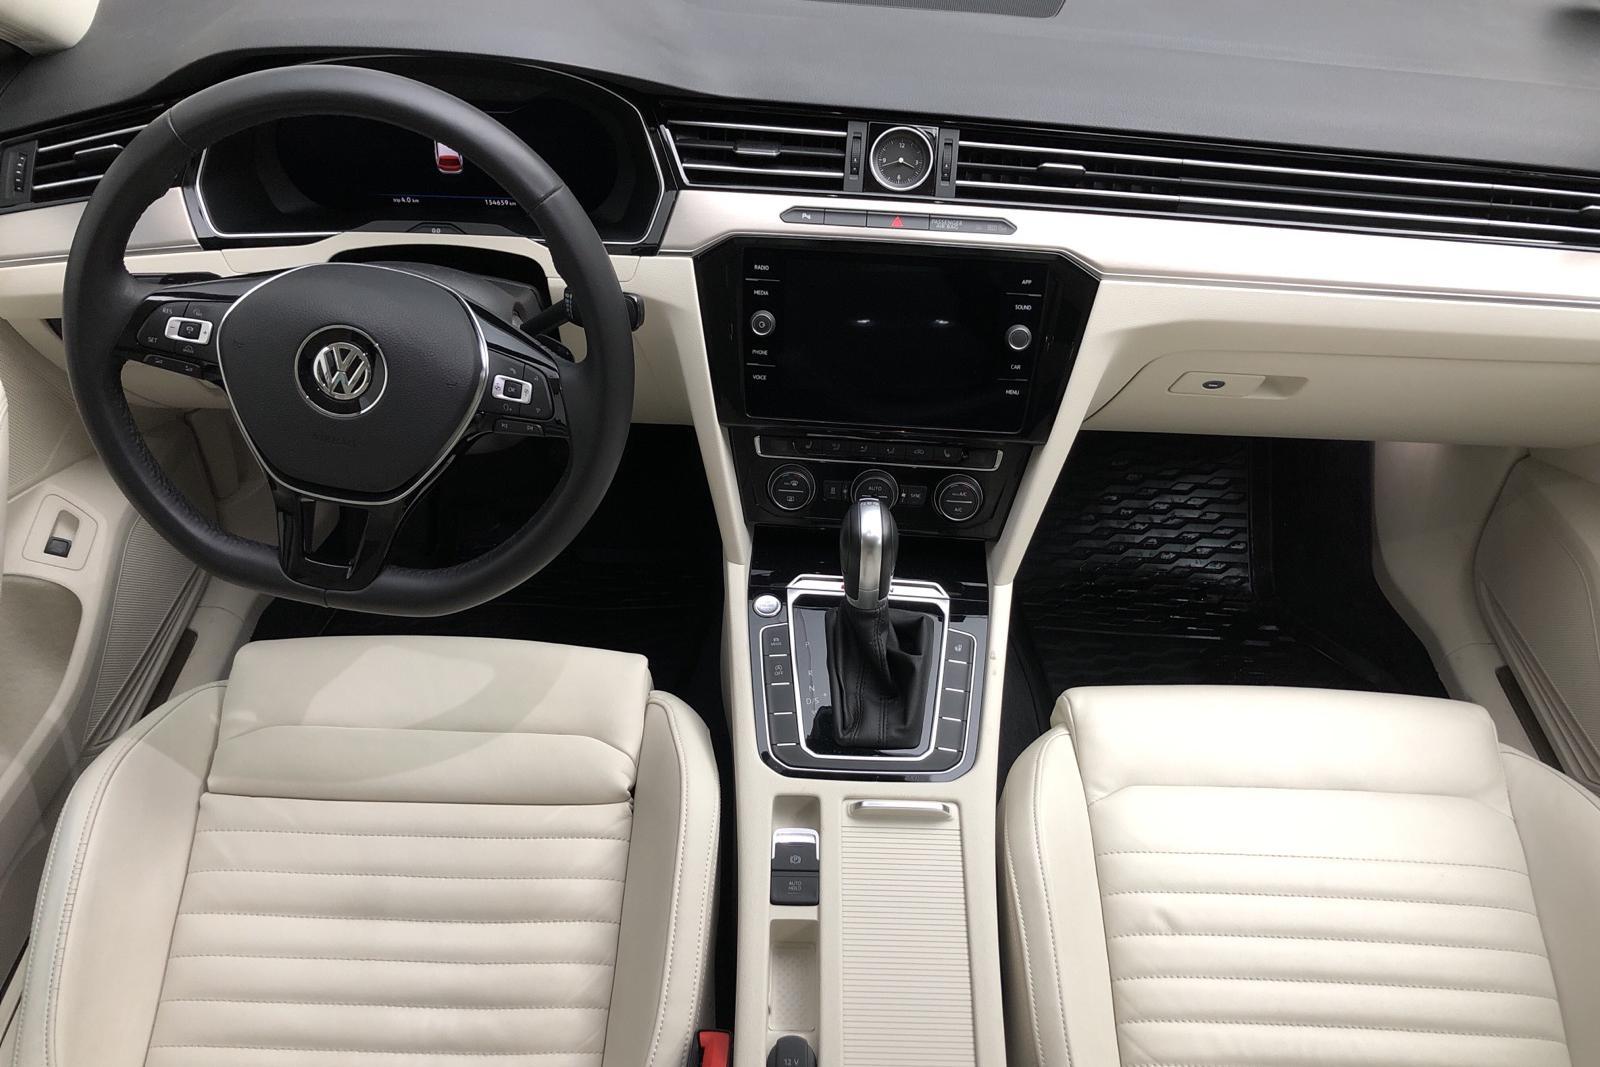 VW Passat 2.0 TDI BiTurbo Sportscombi 4MOTION (240hk) - 15 465 mil - Automat - vit - 2018